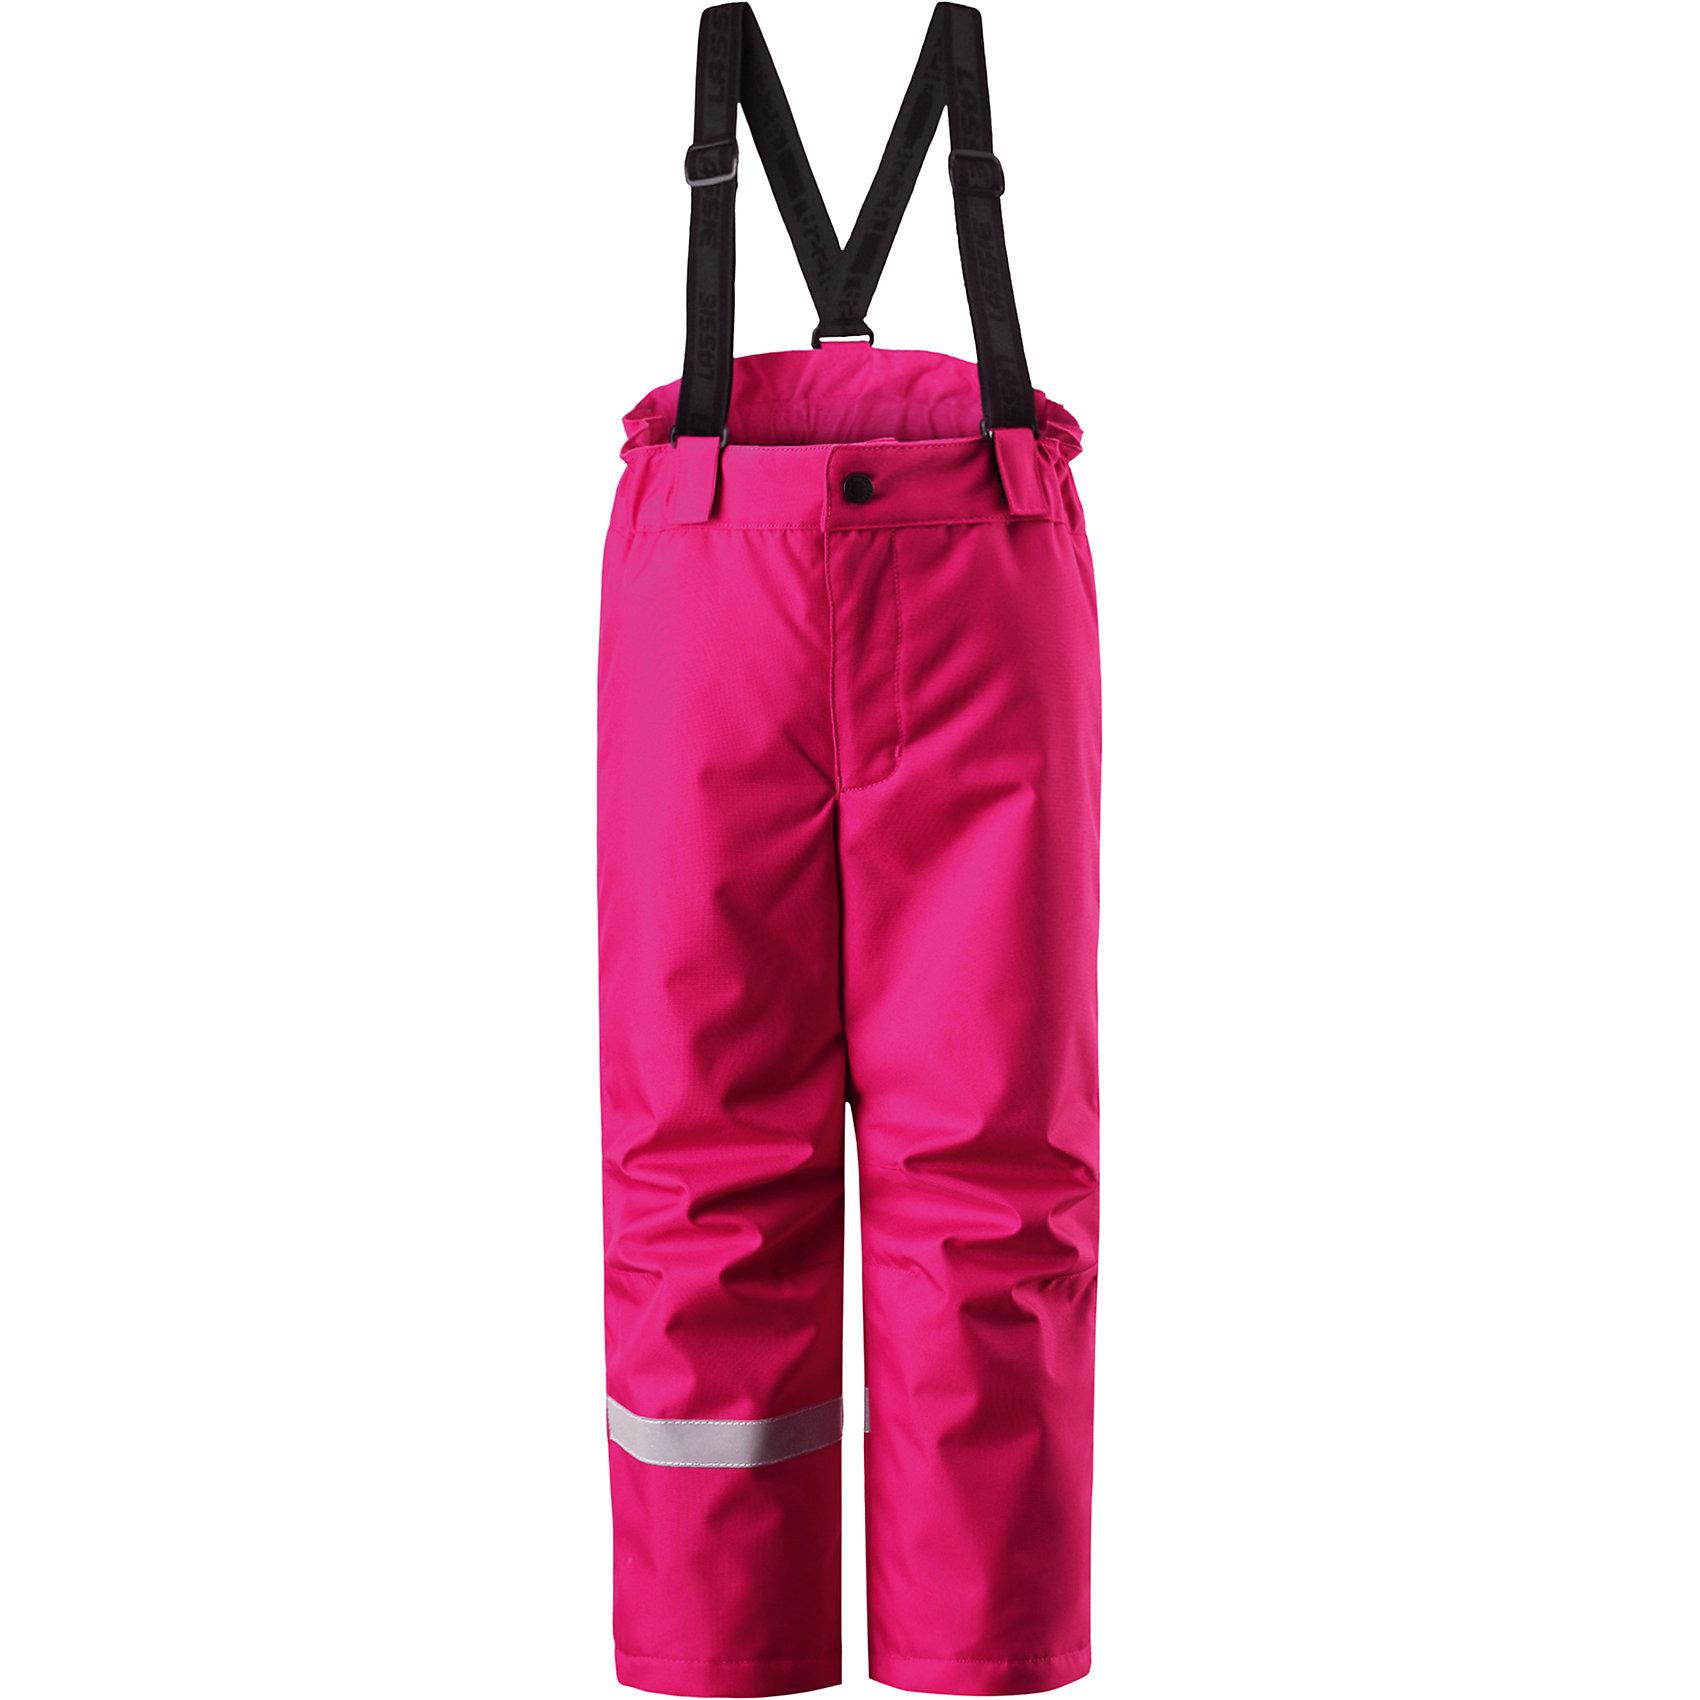 Брюки LASSIE by ReimaЗимние брюки для детей известной финской марки. <br><br>- Прочный материал. <br>- Водоотталкивающий, ветронепроницаемый, «дышащий» и грязеотталкивающий материал.<br>-  Задний серединный шов проклеен. свободный крой.<br>- Гладкая подкладка из полиэстра. <br>- Легкая степень утепления. <br>- Эластичный регулируемый обхват талии. <br>- Регулируемые брючины. Карманы в боковых швах.  <br><br>Рекомендации по уходу: Стирать по отдельности, вывернув наизнанку. Застегнуть молнии и липучки. Соблюдать температуру в соответствии с руководством по уходу. Стирать моющим средством, не содержащим отбеливающие вещества. Полоскать без специального средства. Сушение в сушильном шкафу разрешено при  низкой температуре.<br><br>Состав: 100% Полиамид, полиуретановое покрытие.  Утеплитель «Lassie wadding» 100гр.<br><br>Ширина мм: 215<br>Глубина мм: 88<br>Высота мм: 191<br>Вес г: 336<br>Цвет: розовый<br>Возраст от месяцев: 18<br>Возраст до месяцев: 24<br>Пол: Женский<br>Возраст: Детский<br>Размер: 104,92,98,110,116,122,128,134,140<br>SKU: 4781886